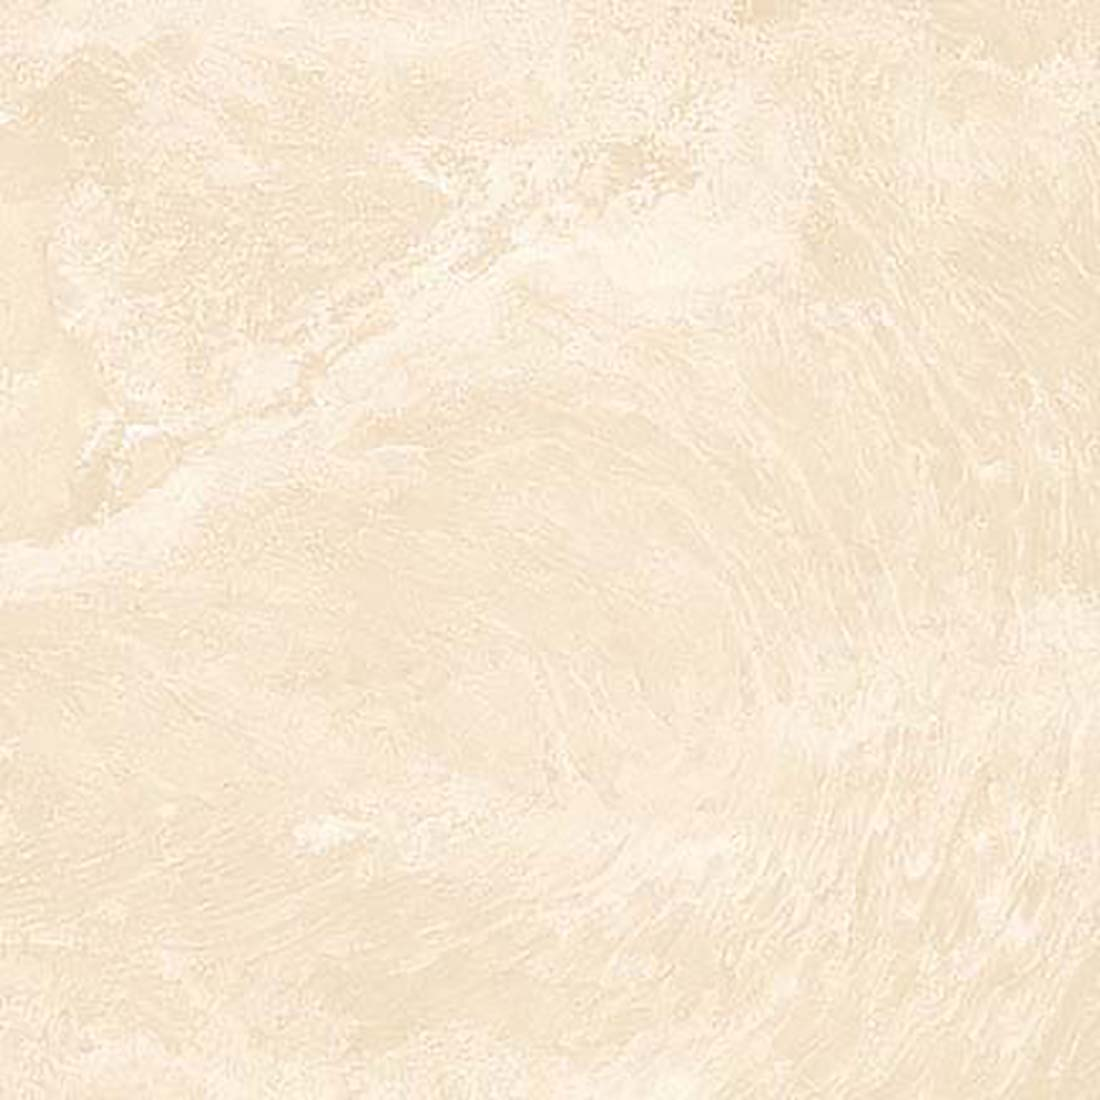 Oceanic 60x60 Crema Polished 1